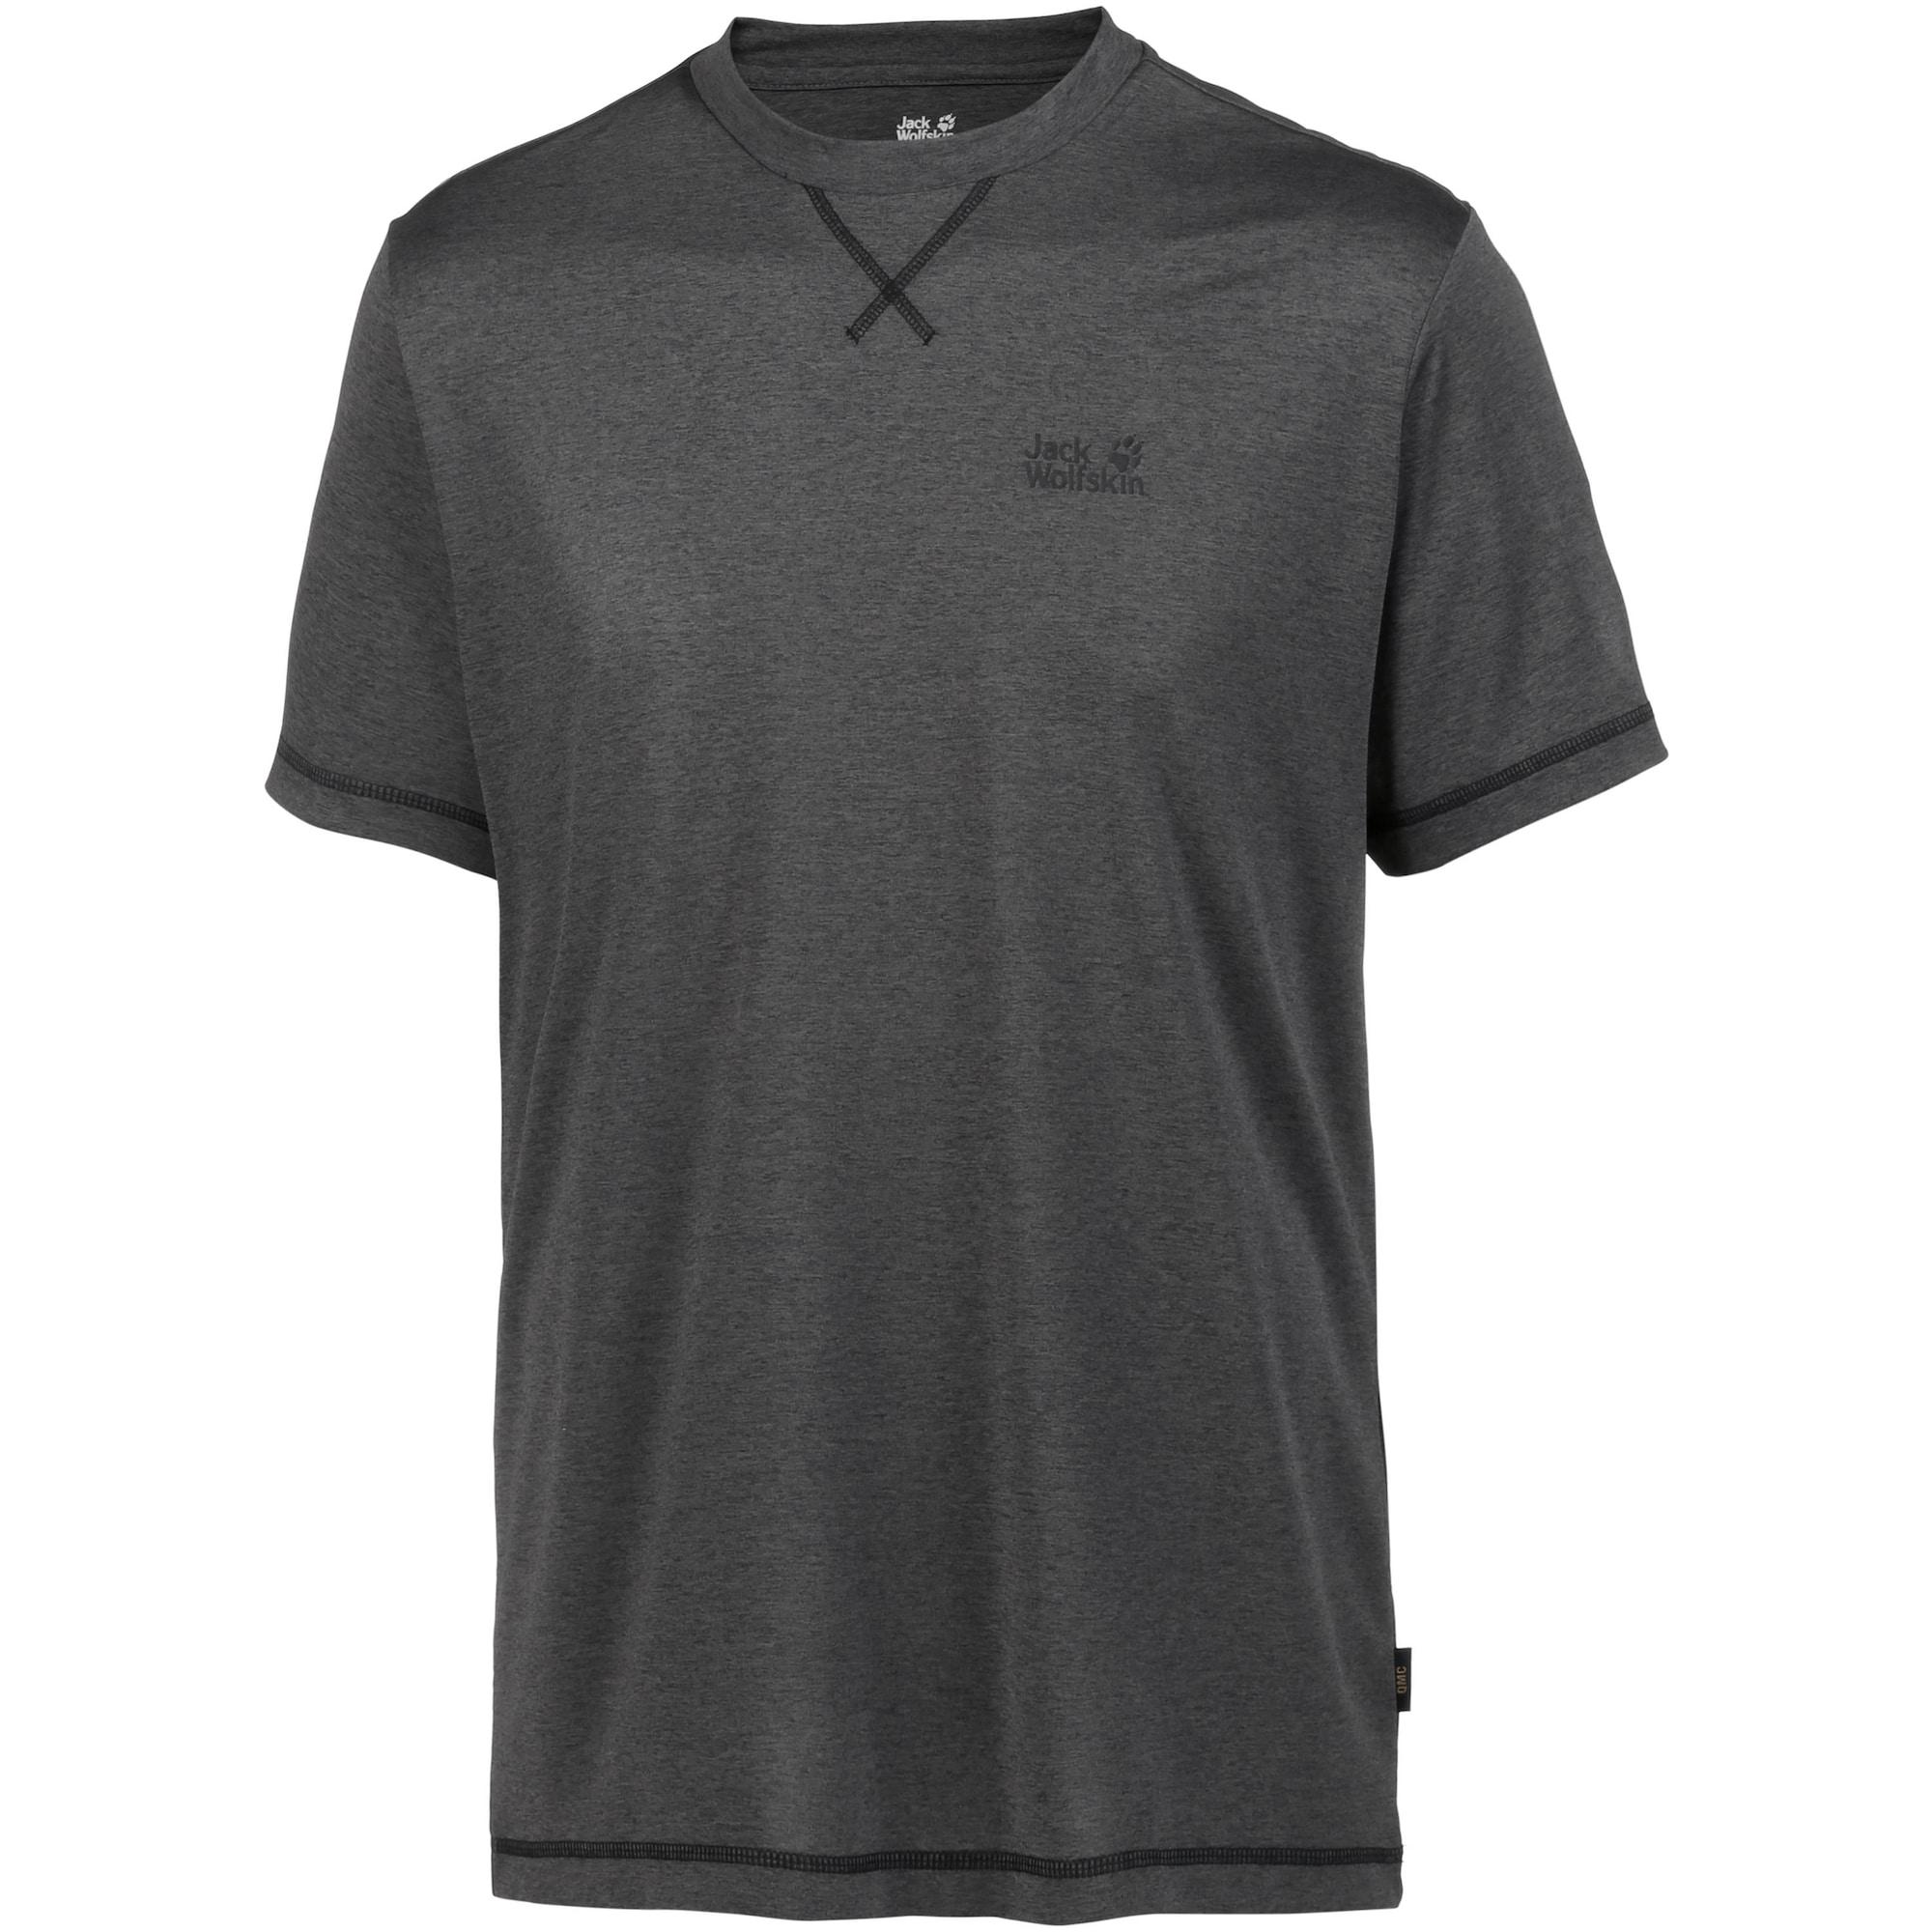 JACK WOLFSKIN Sportiniai marškinėliai 'Crosstrail' antracito